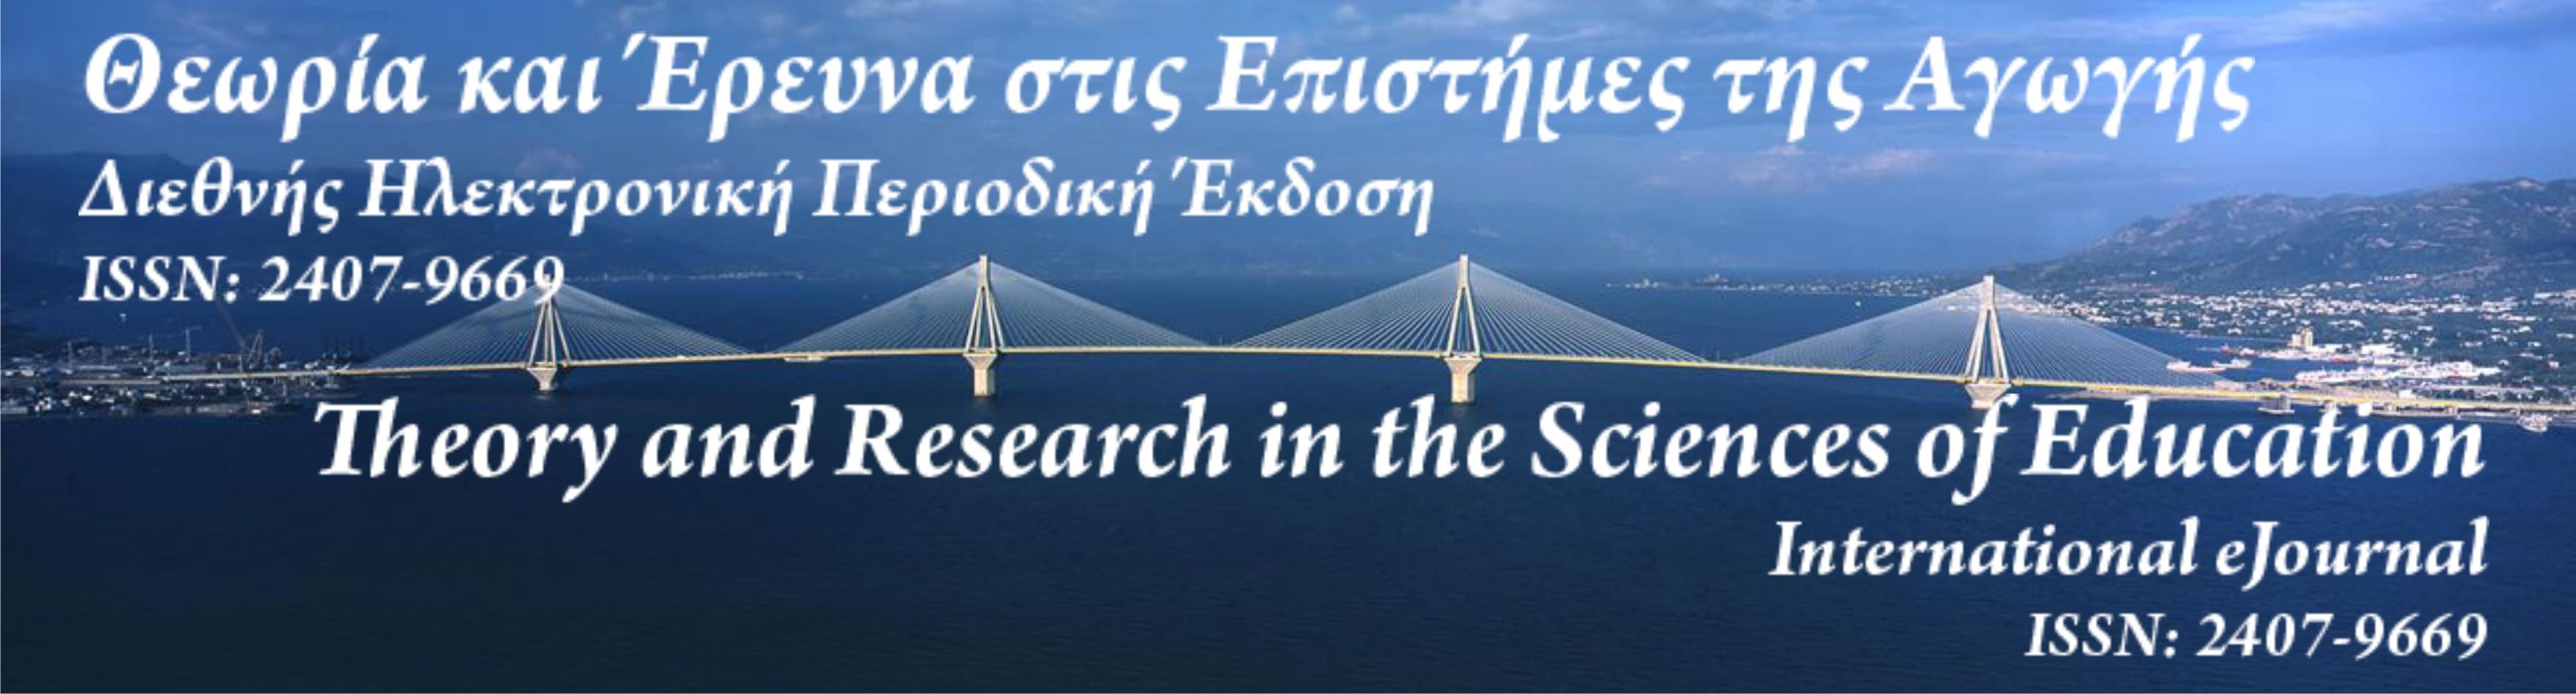 Θεωρία και Έρευνα στις Επιστήμες της Αγωγής